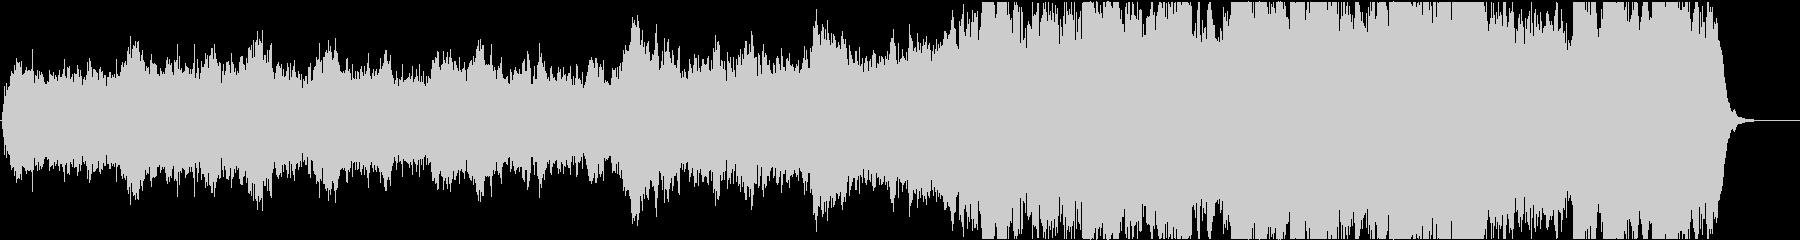 ドラマ3 16bit44.1kHzVerの未再生の波形